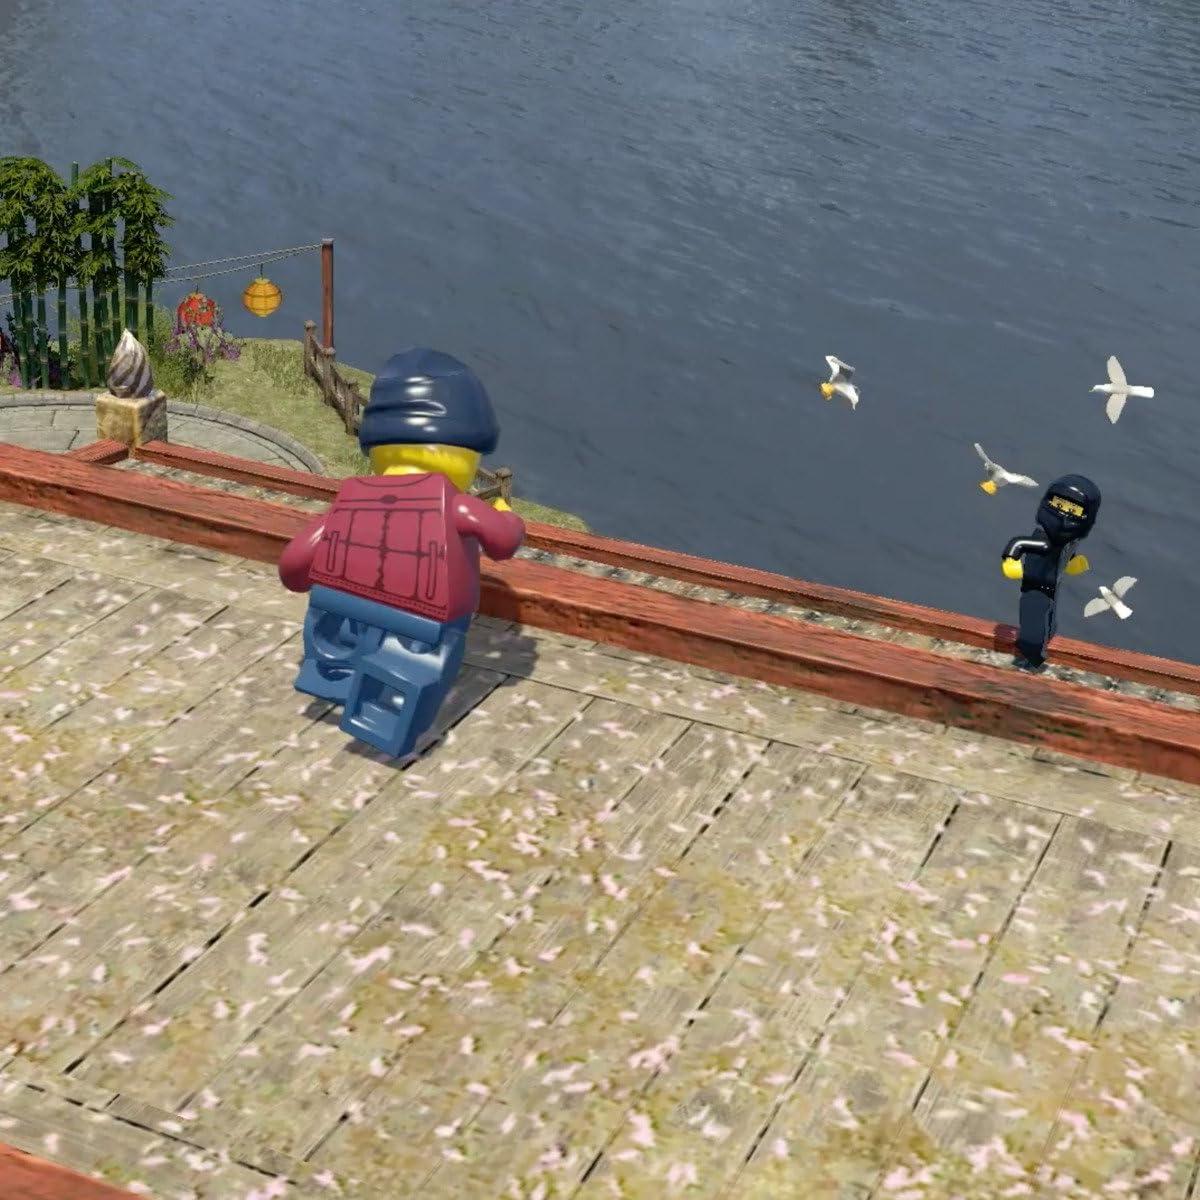 Lego レゴ Ipad壁紙 Chasing Girls その他 スマホ用画像140673